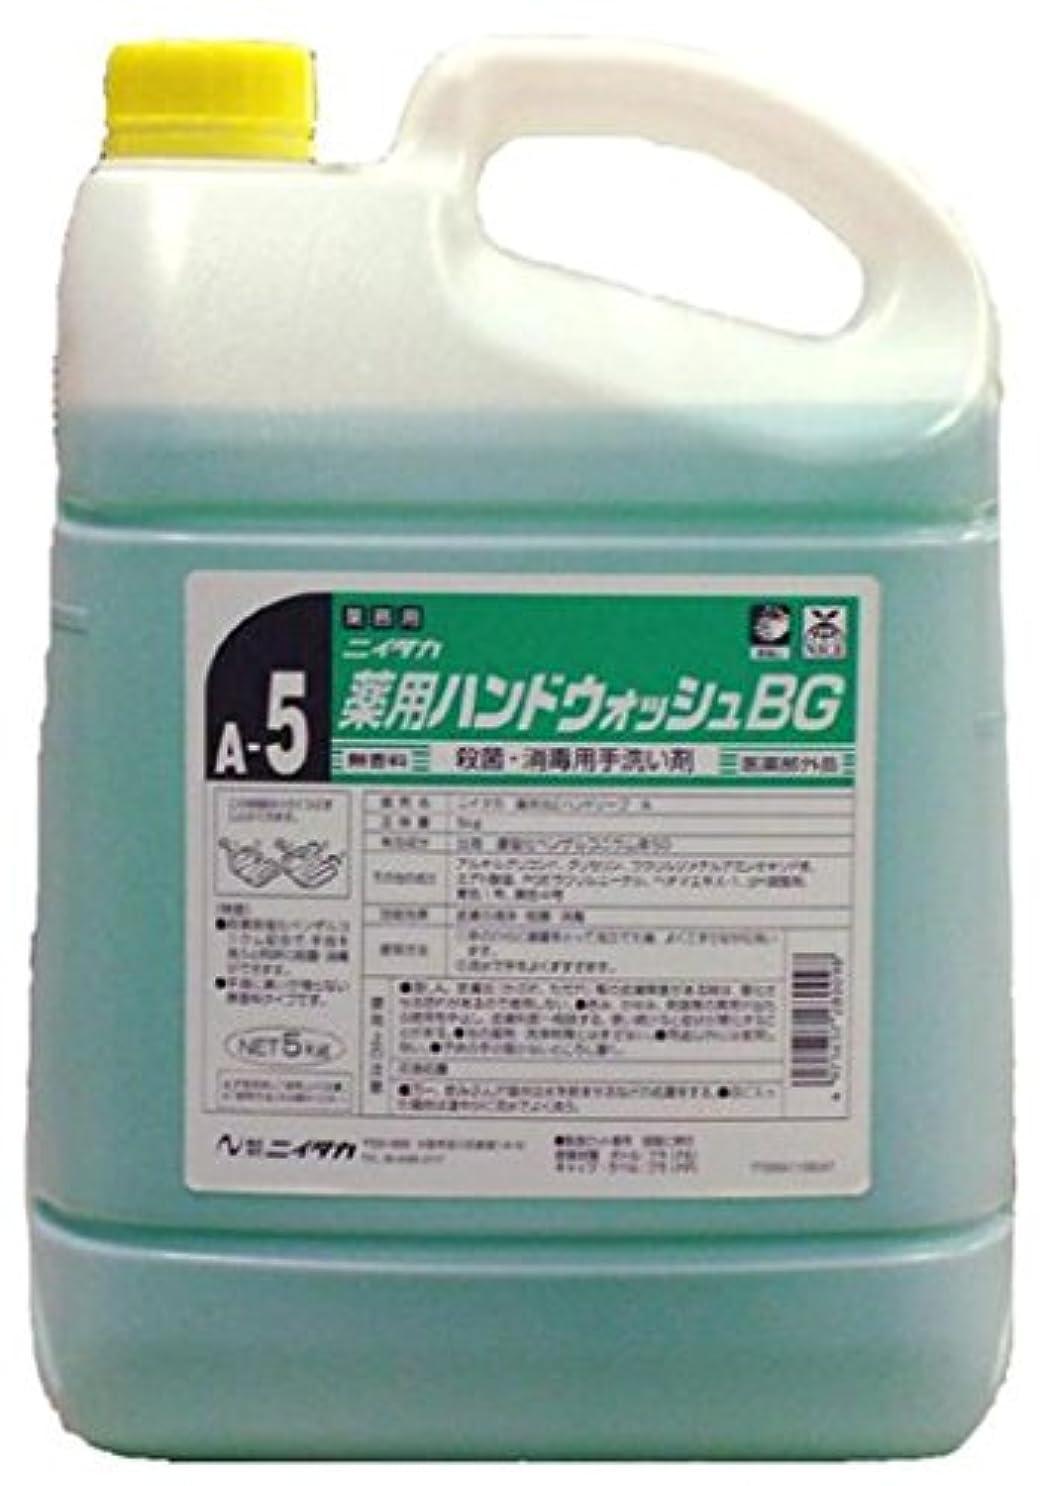 拘束する結晶タンカー薬用ハンドウォッシュBG